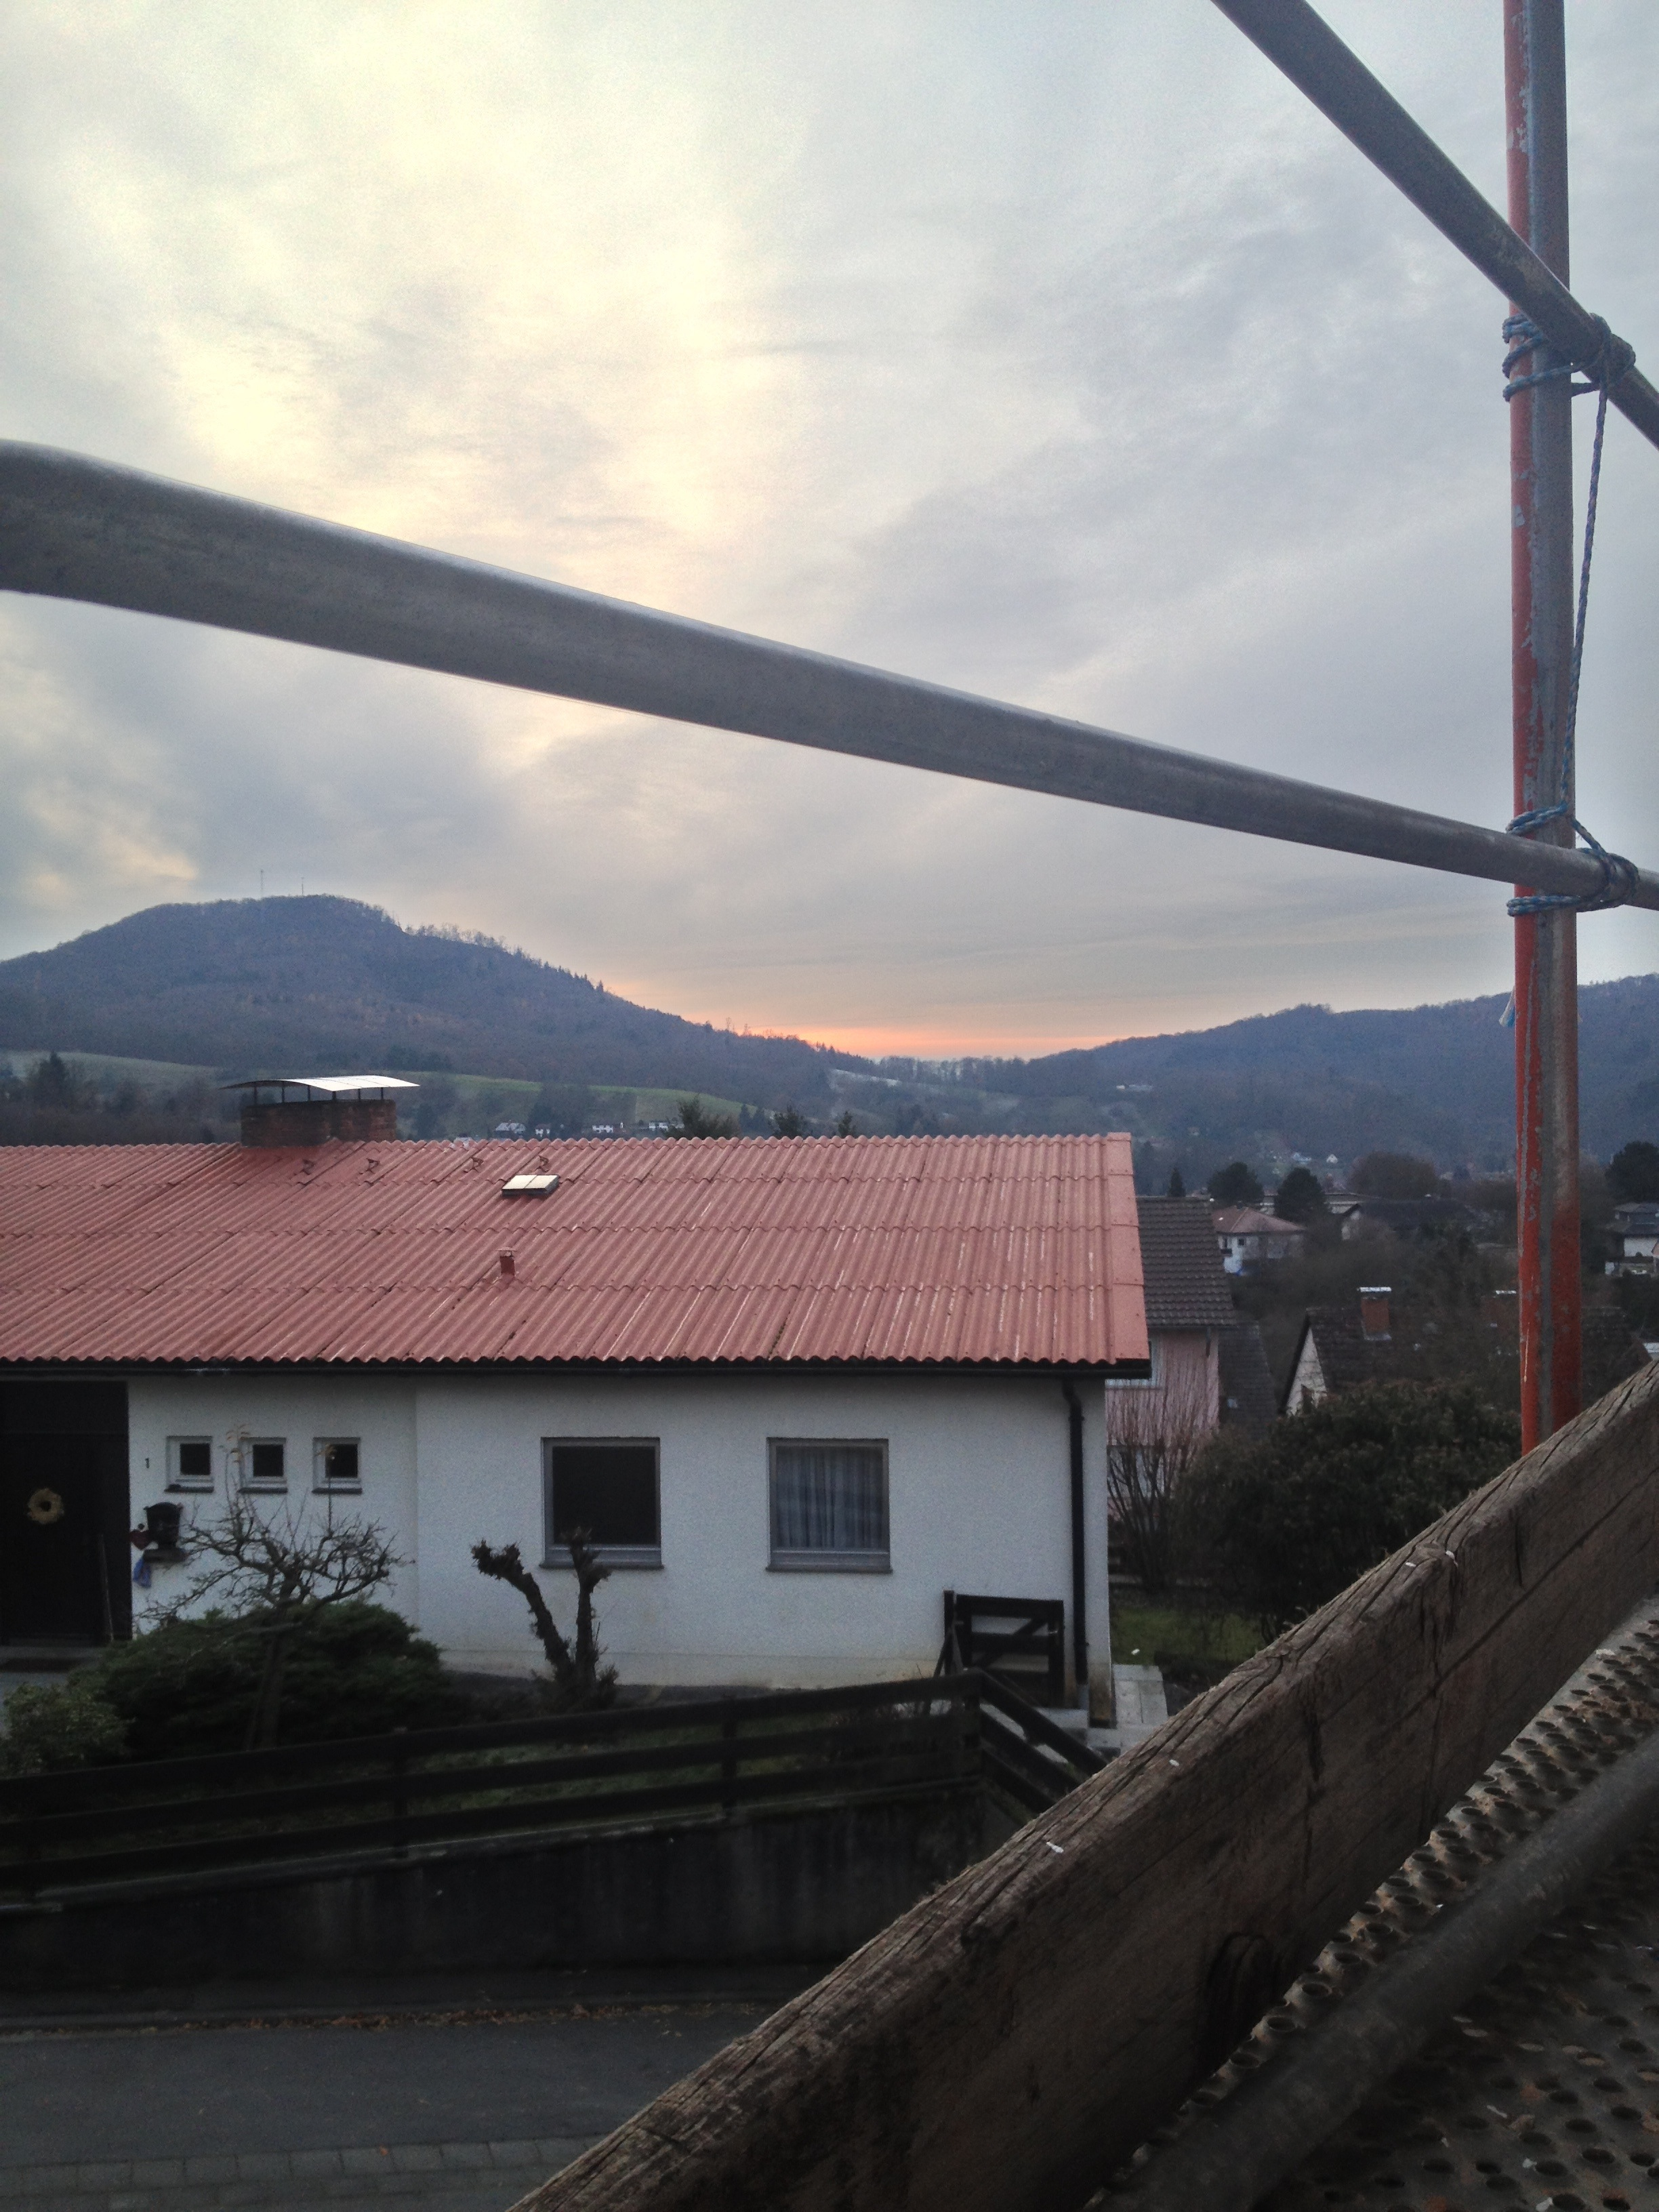 Sonnenuntergang auf der Baustelle